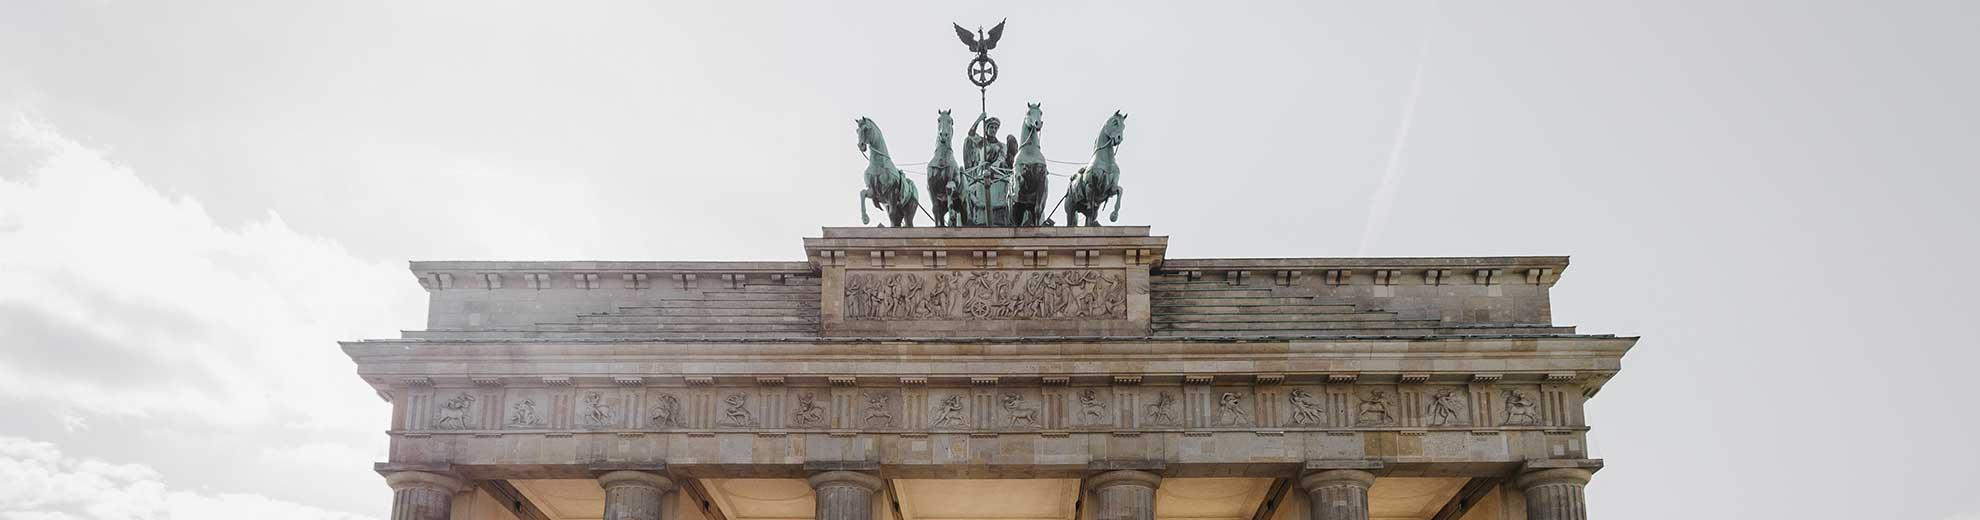 Berlin, Branderburg Gate - German Translations